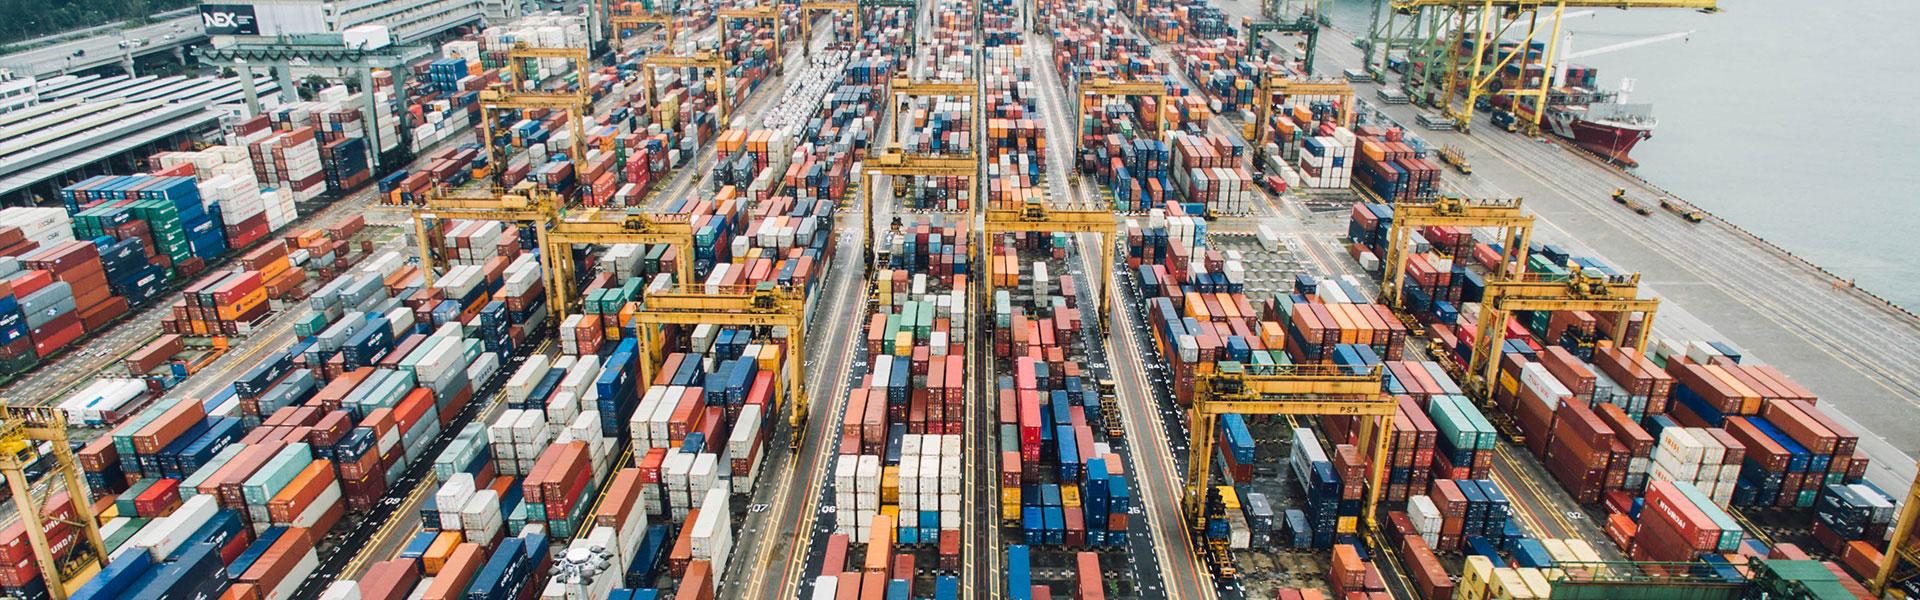 全球化与物流 嘉丰国际物流在引领时代